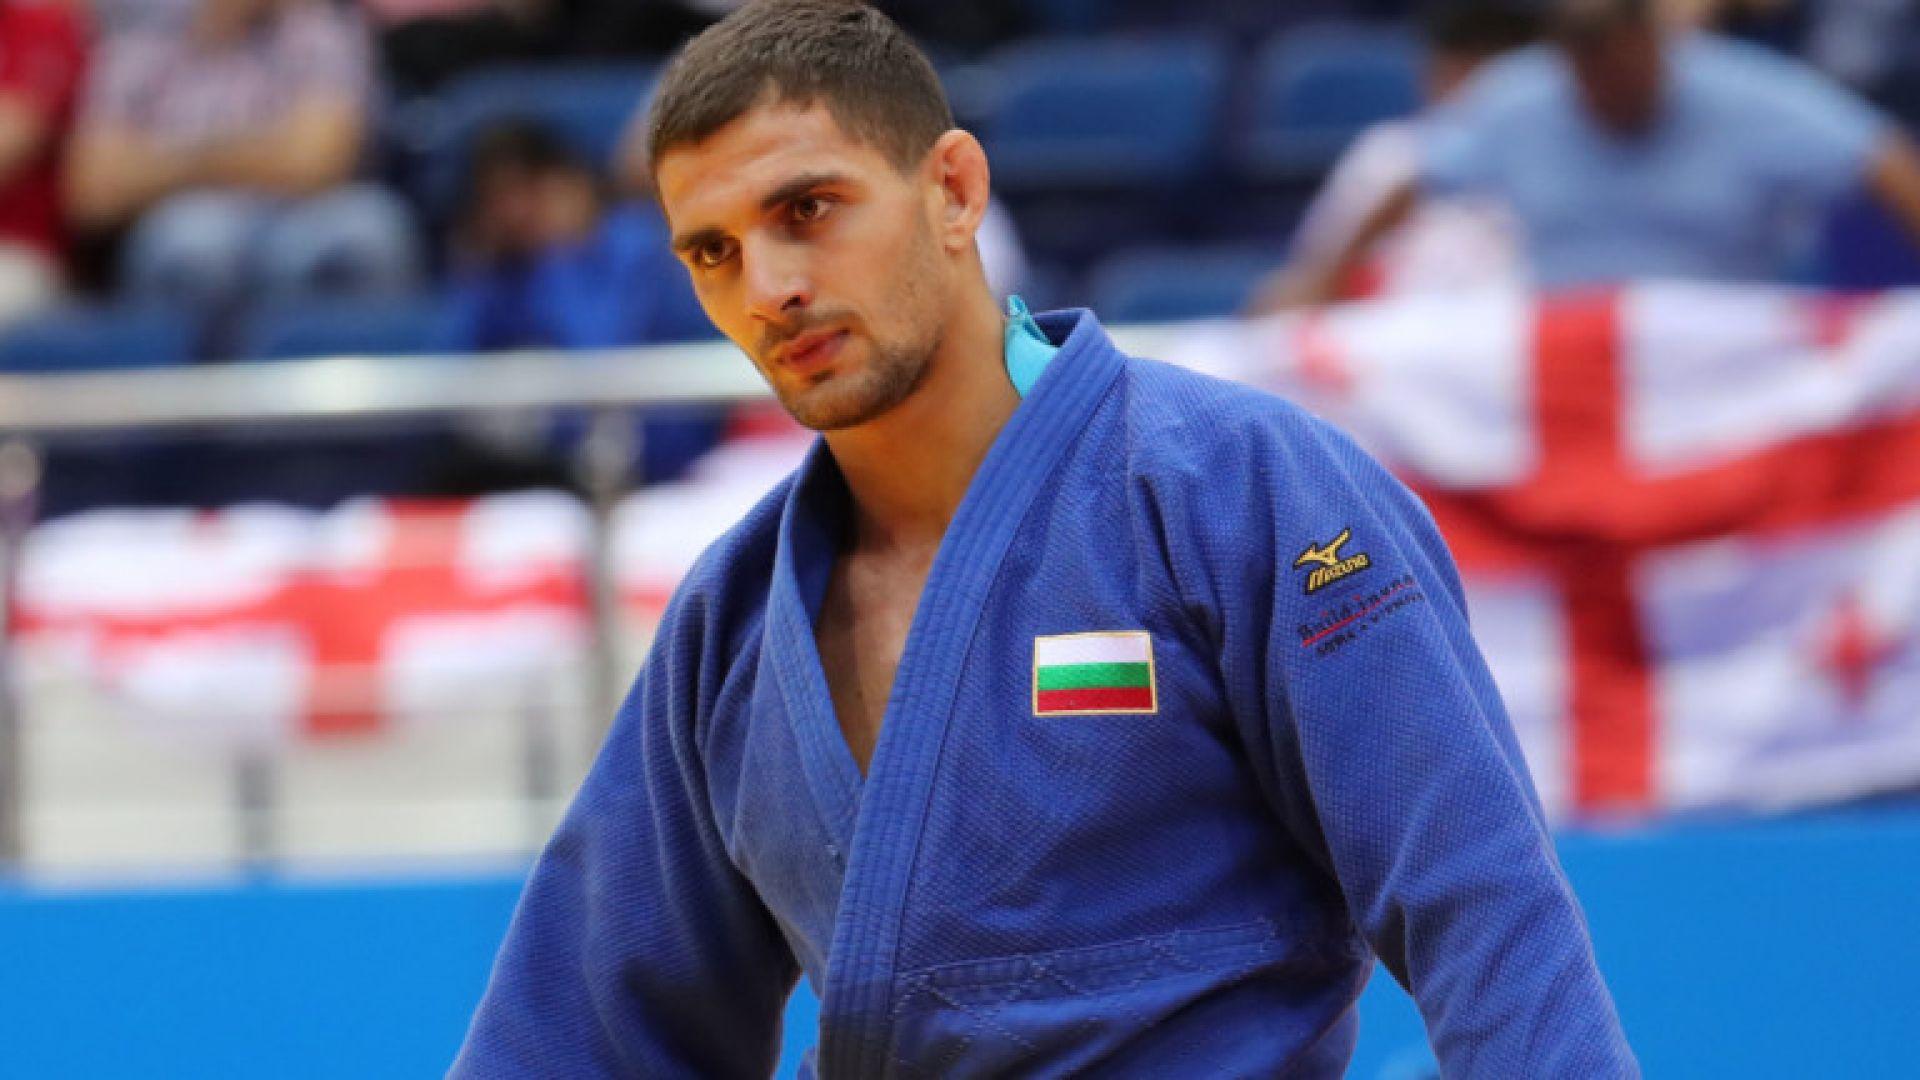 Бронз за Ивайло Иванов на Мастърс турнира в Катар